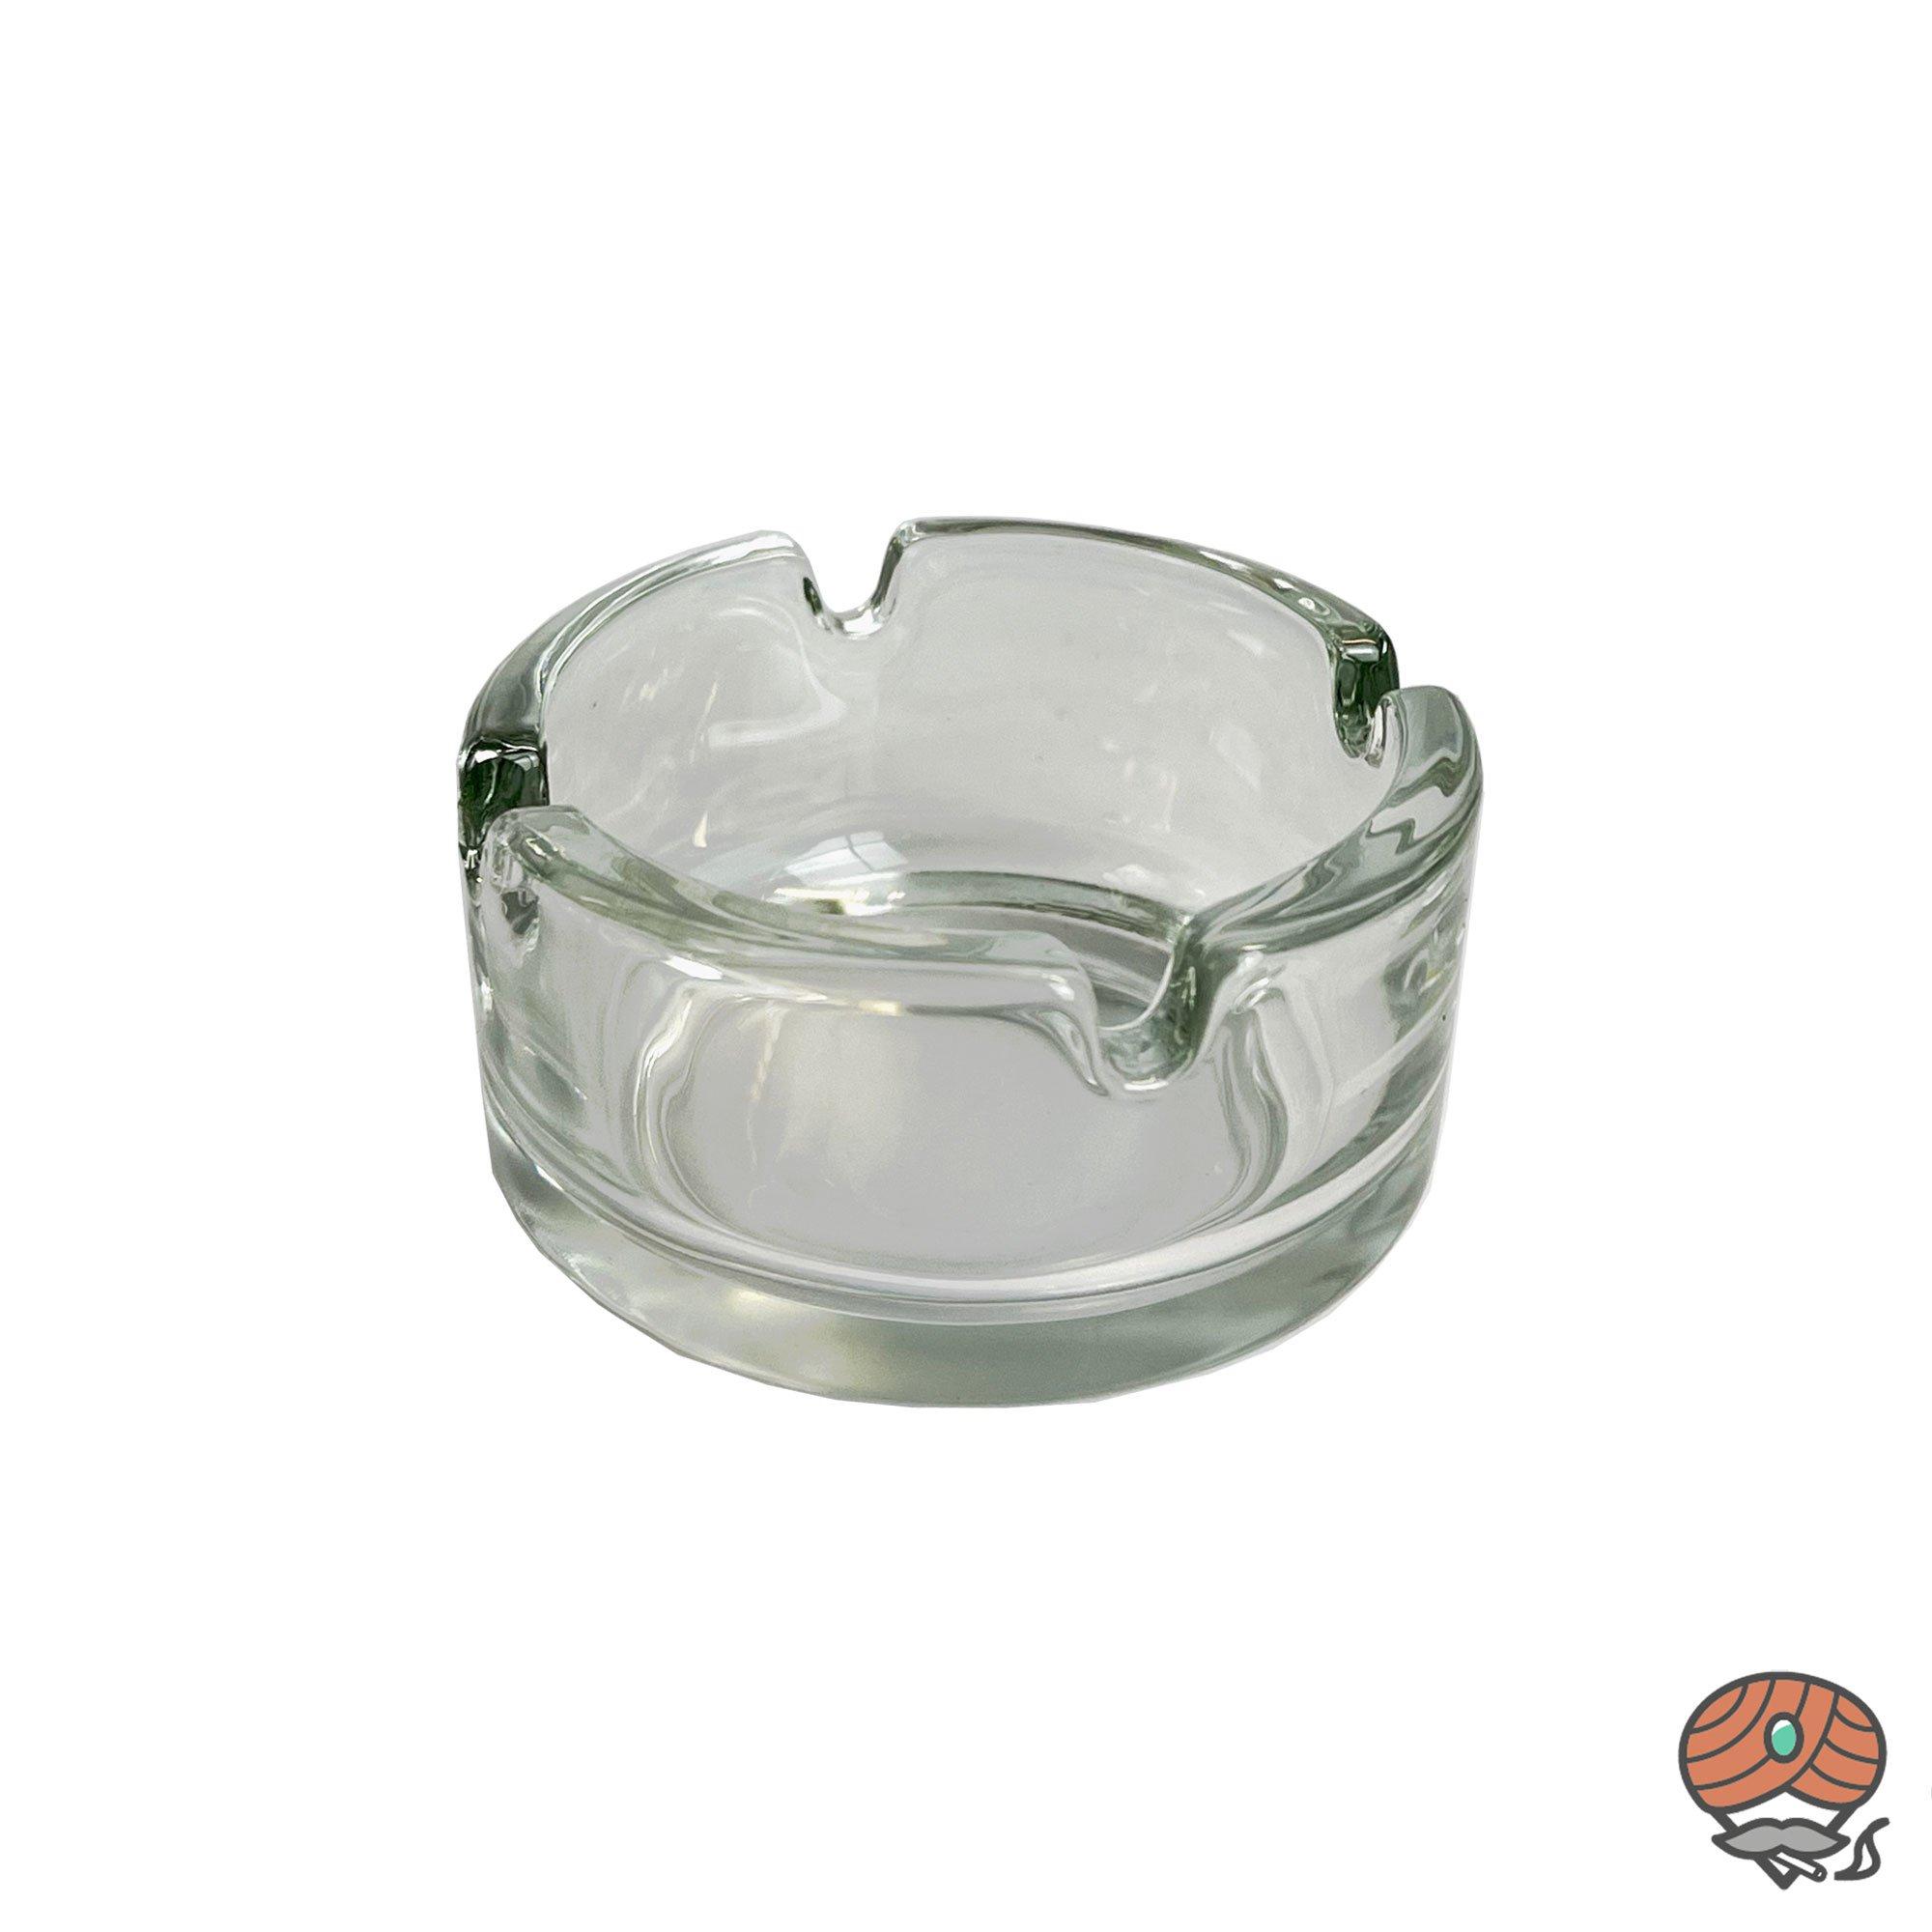 Glasaschenbecher Durchmesser 7,2 cm